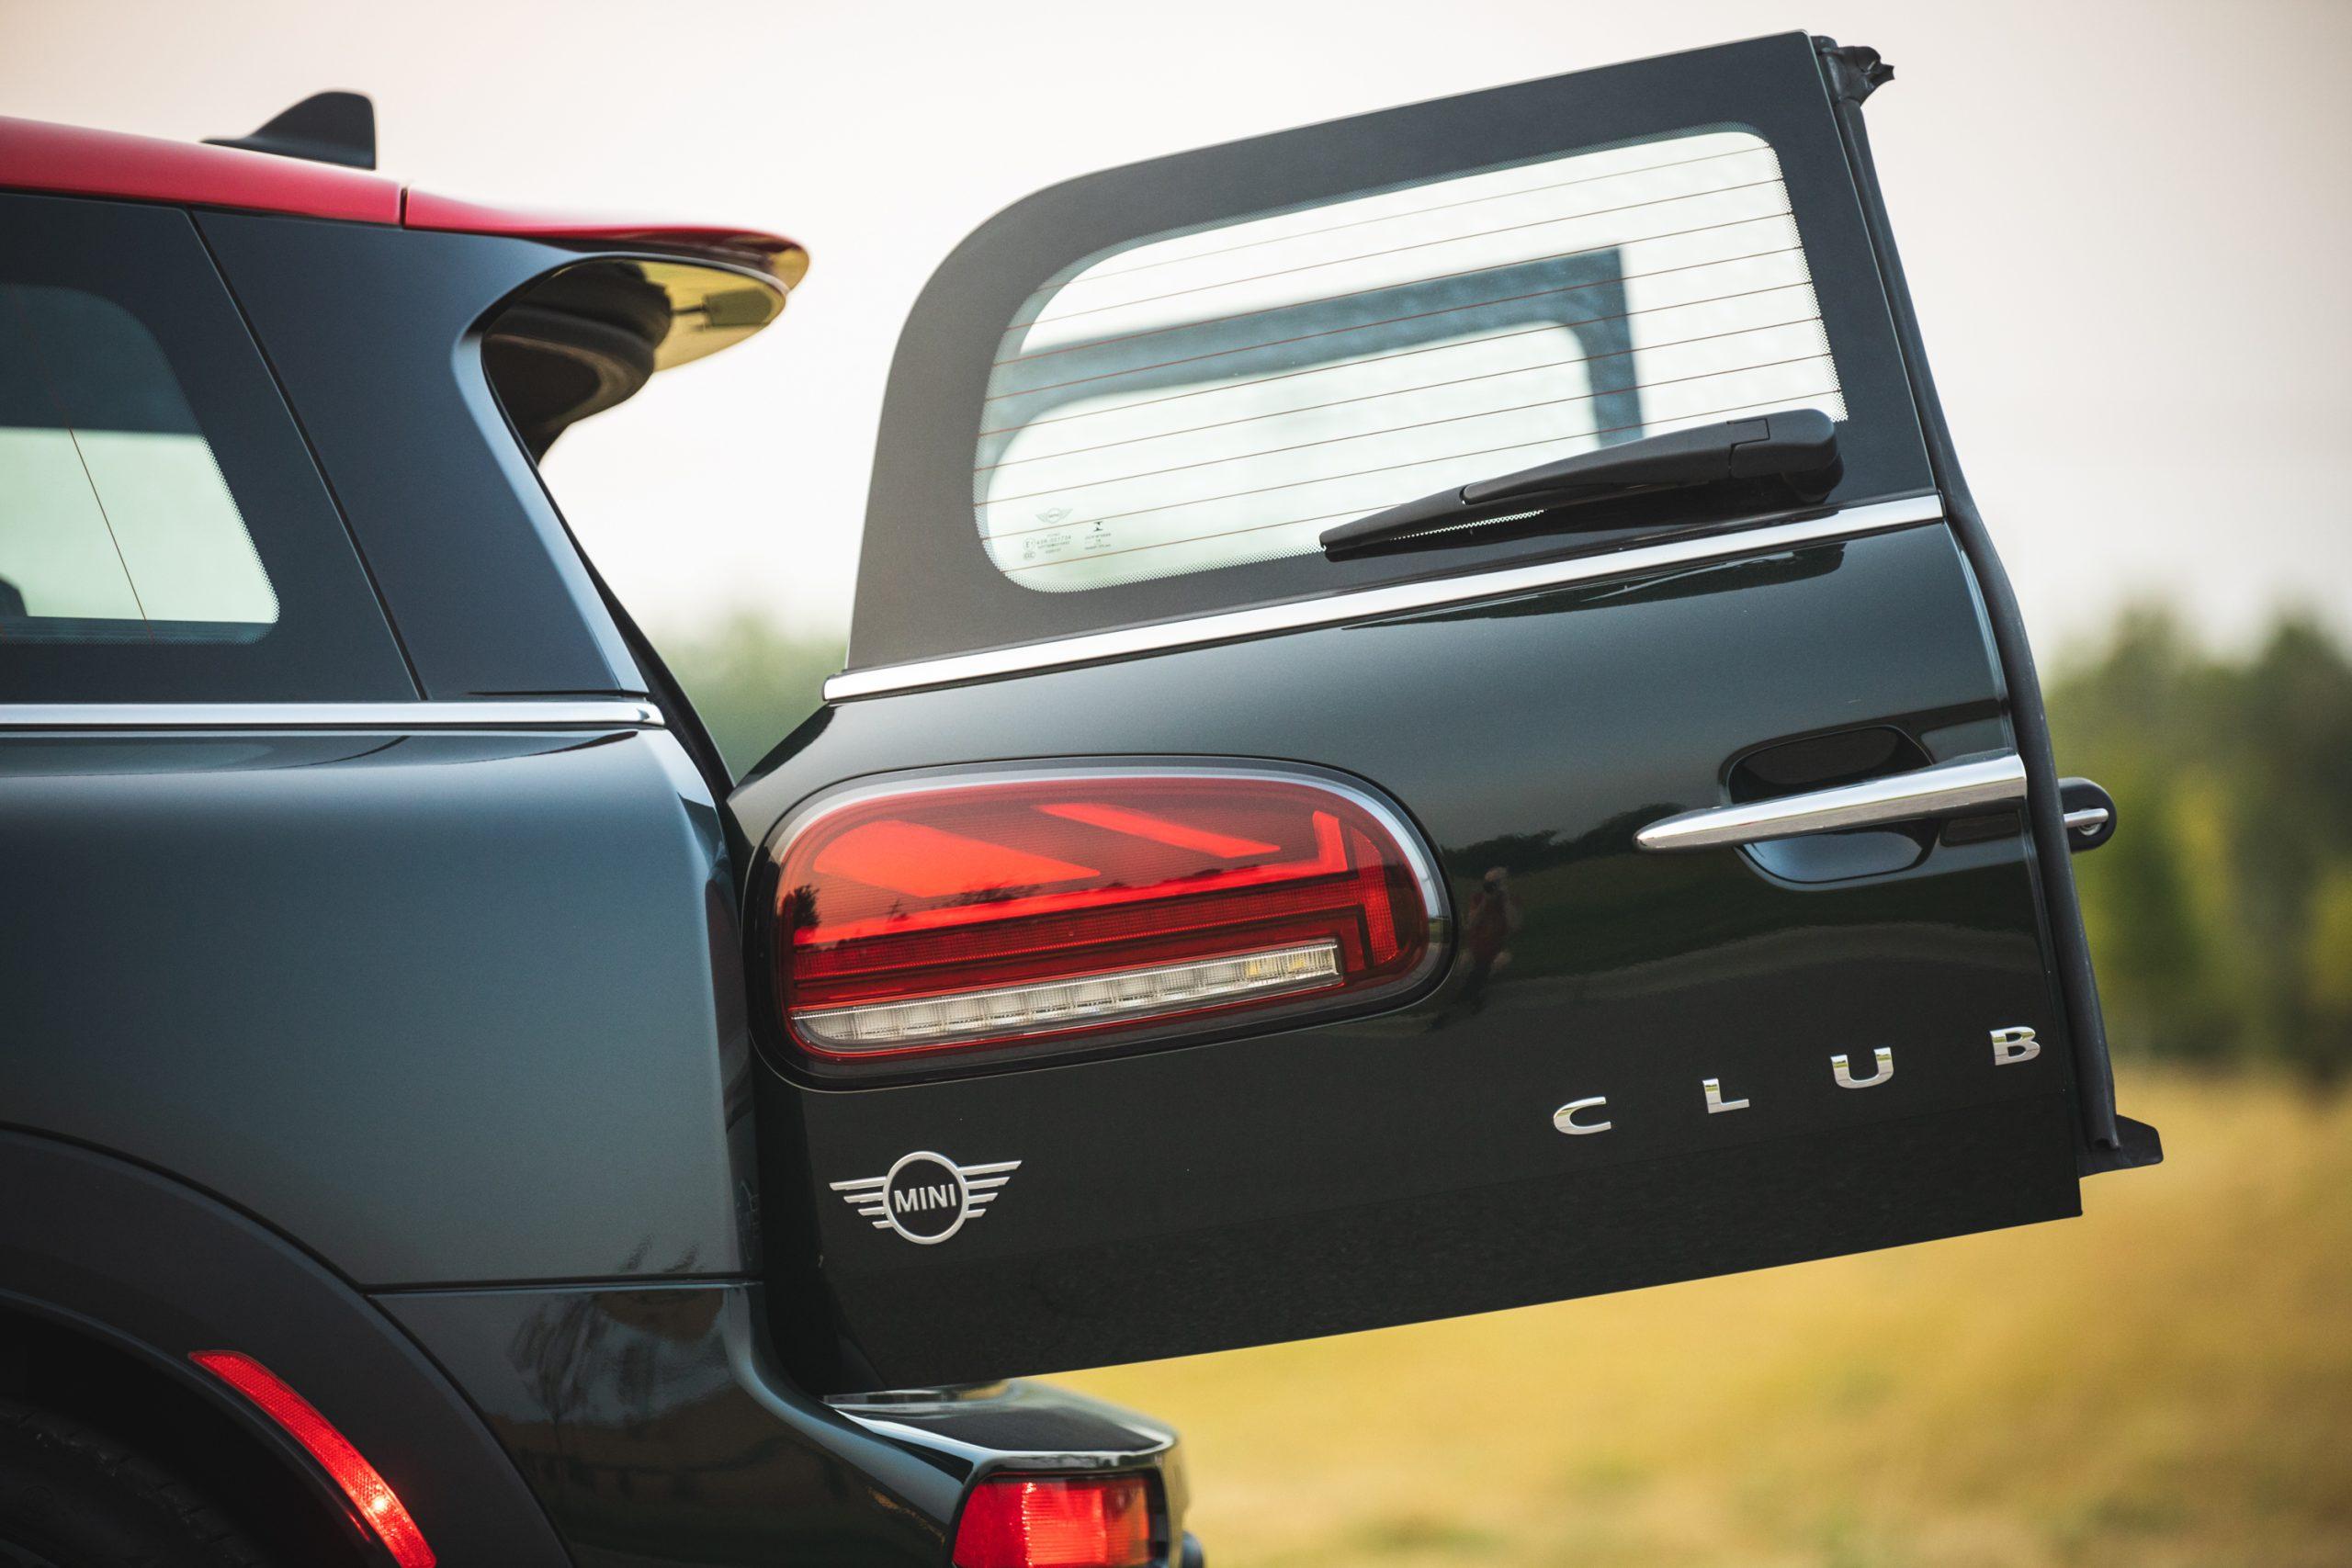 2020-Mini-JCW-Clubman-All4-trunk-door-open